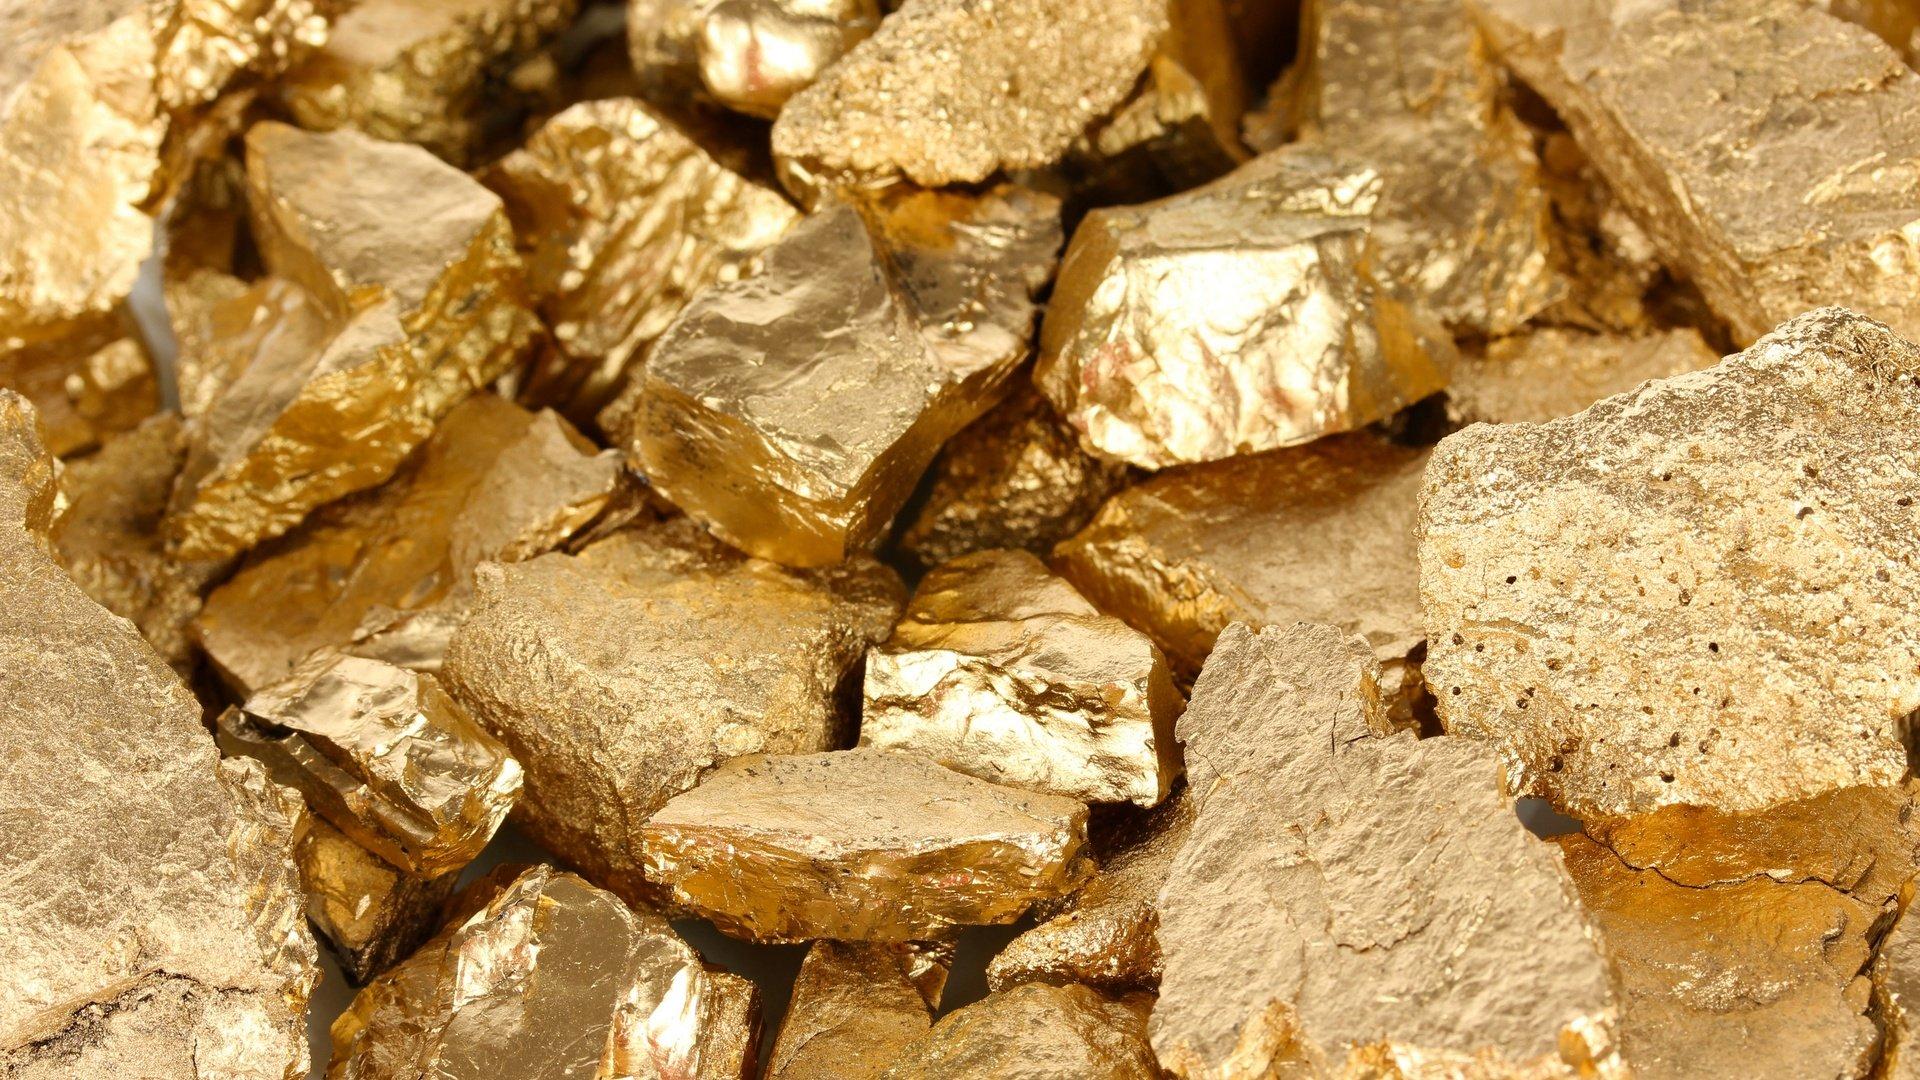 Foto atlas de minerales 66